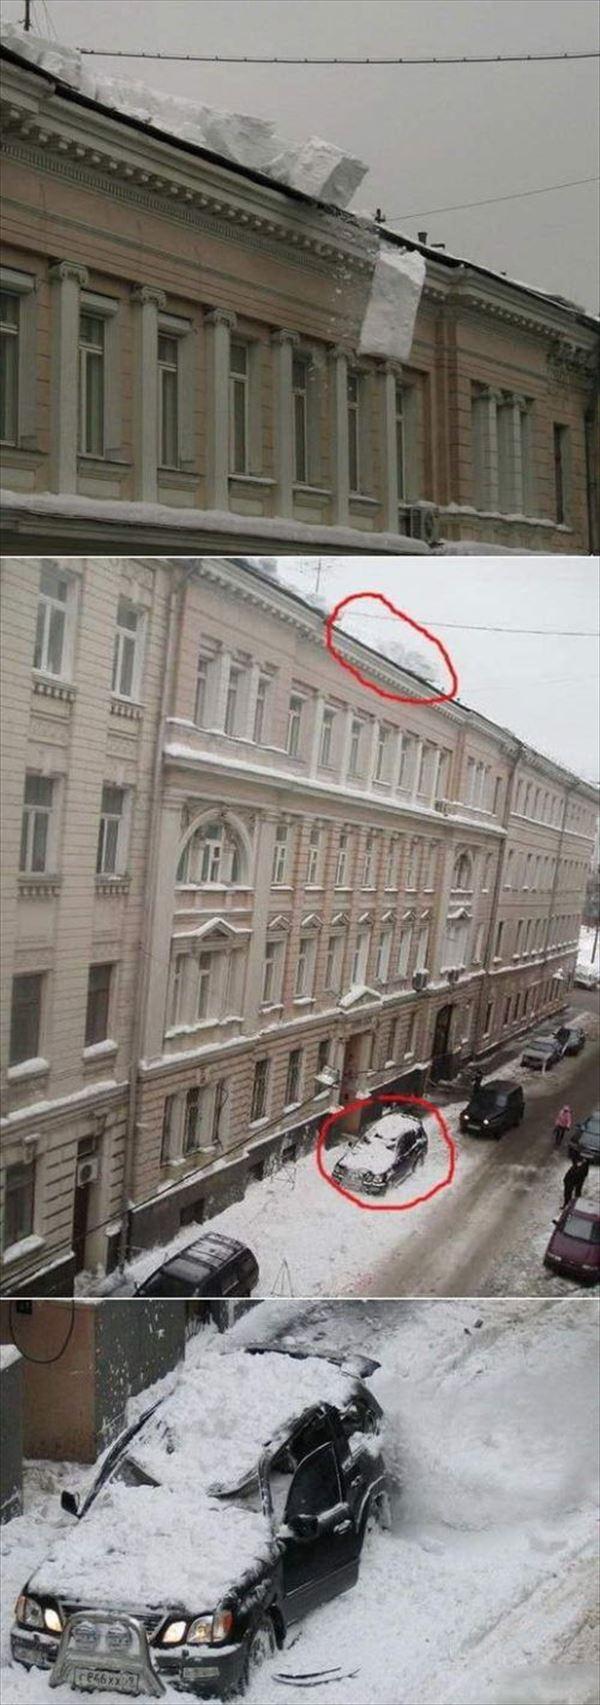 ロシア面白画像 44